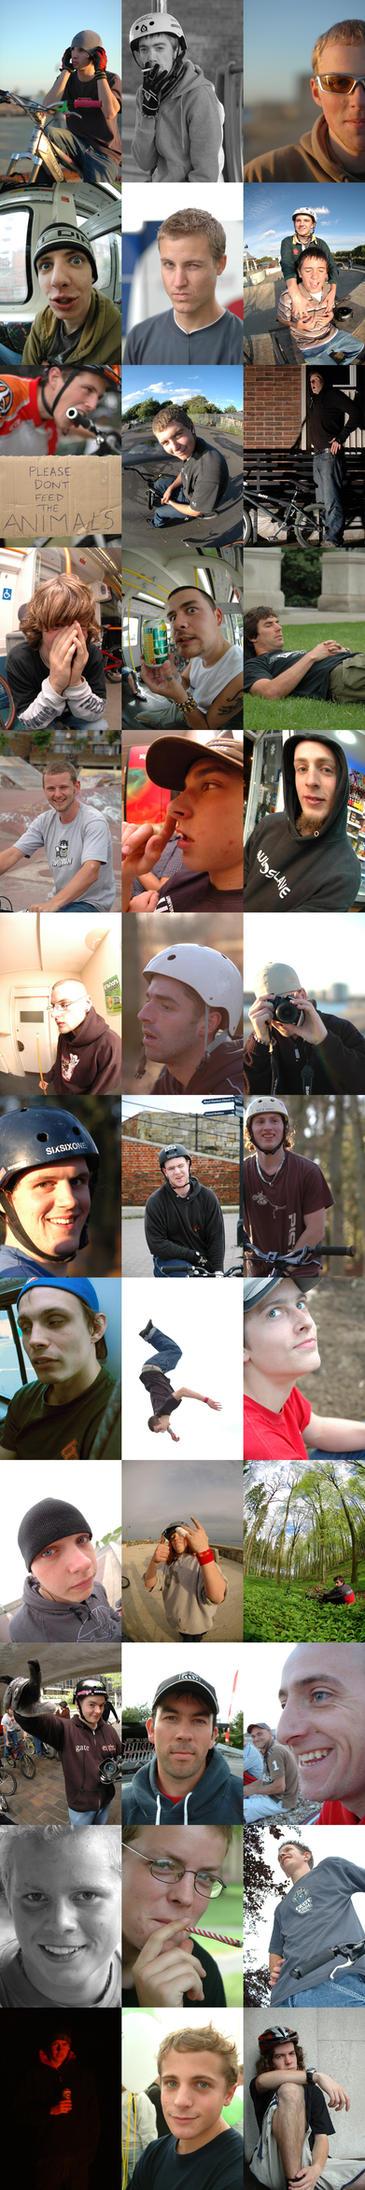 Rider Portraits by Cogito-Ergo-Doleo